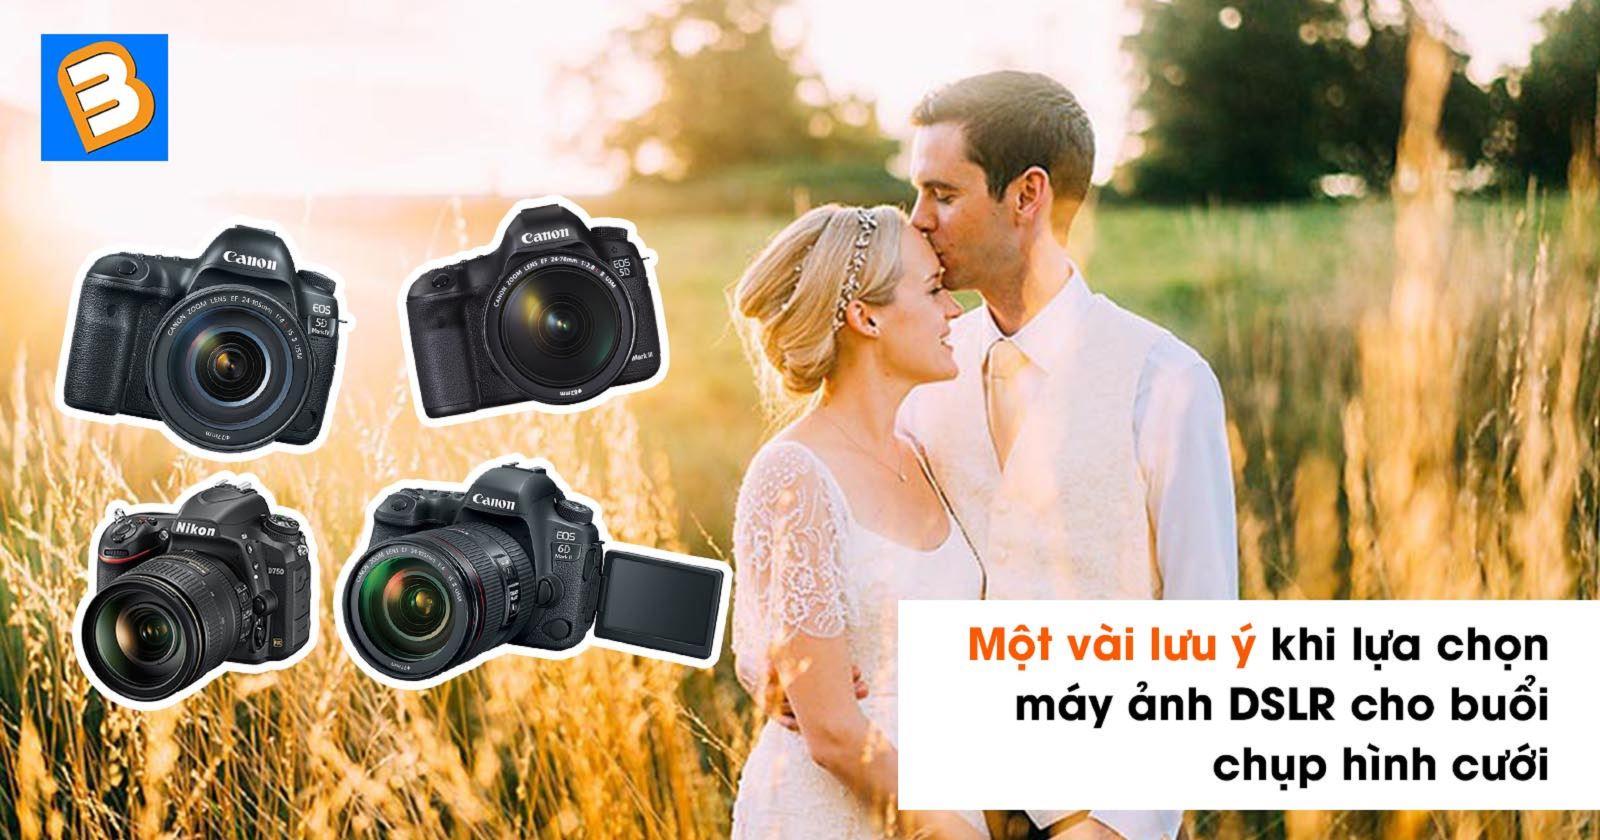 Một vài lưu ýkhi lựa chọn máy ảnh DSLR cho buổi chụp hình cưới